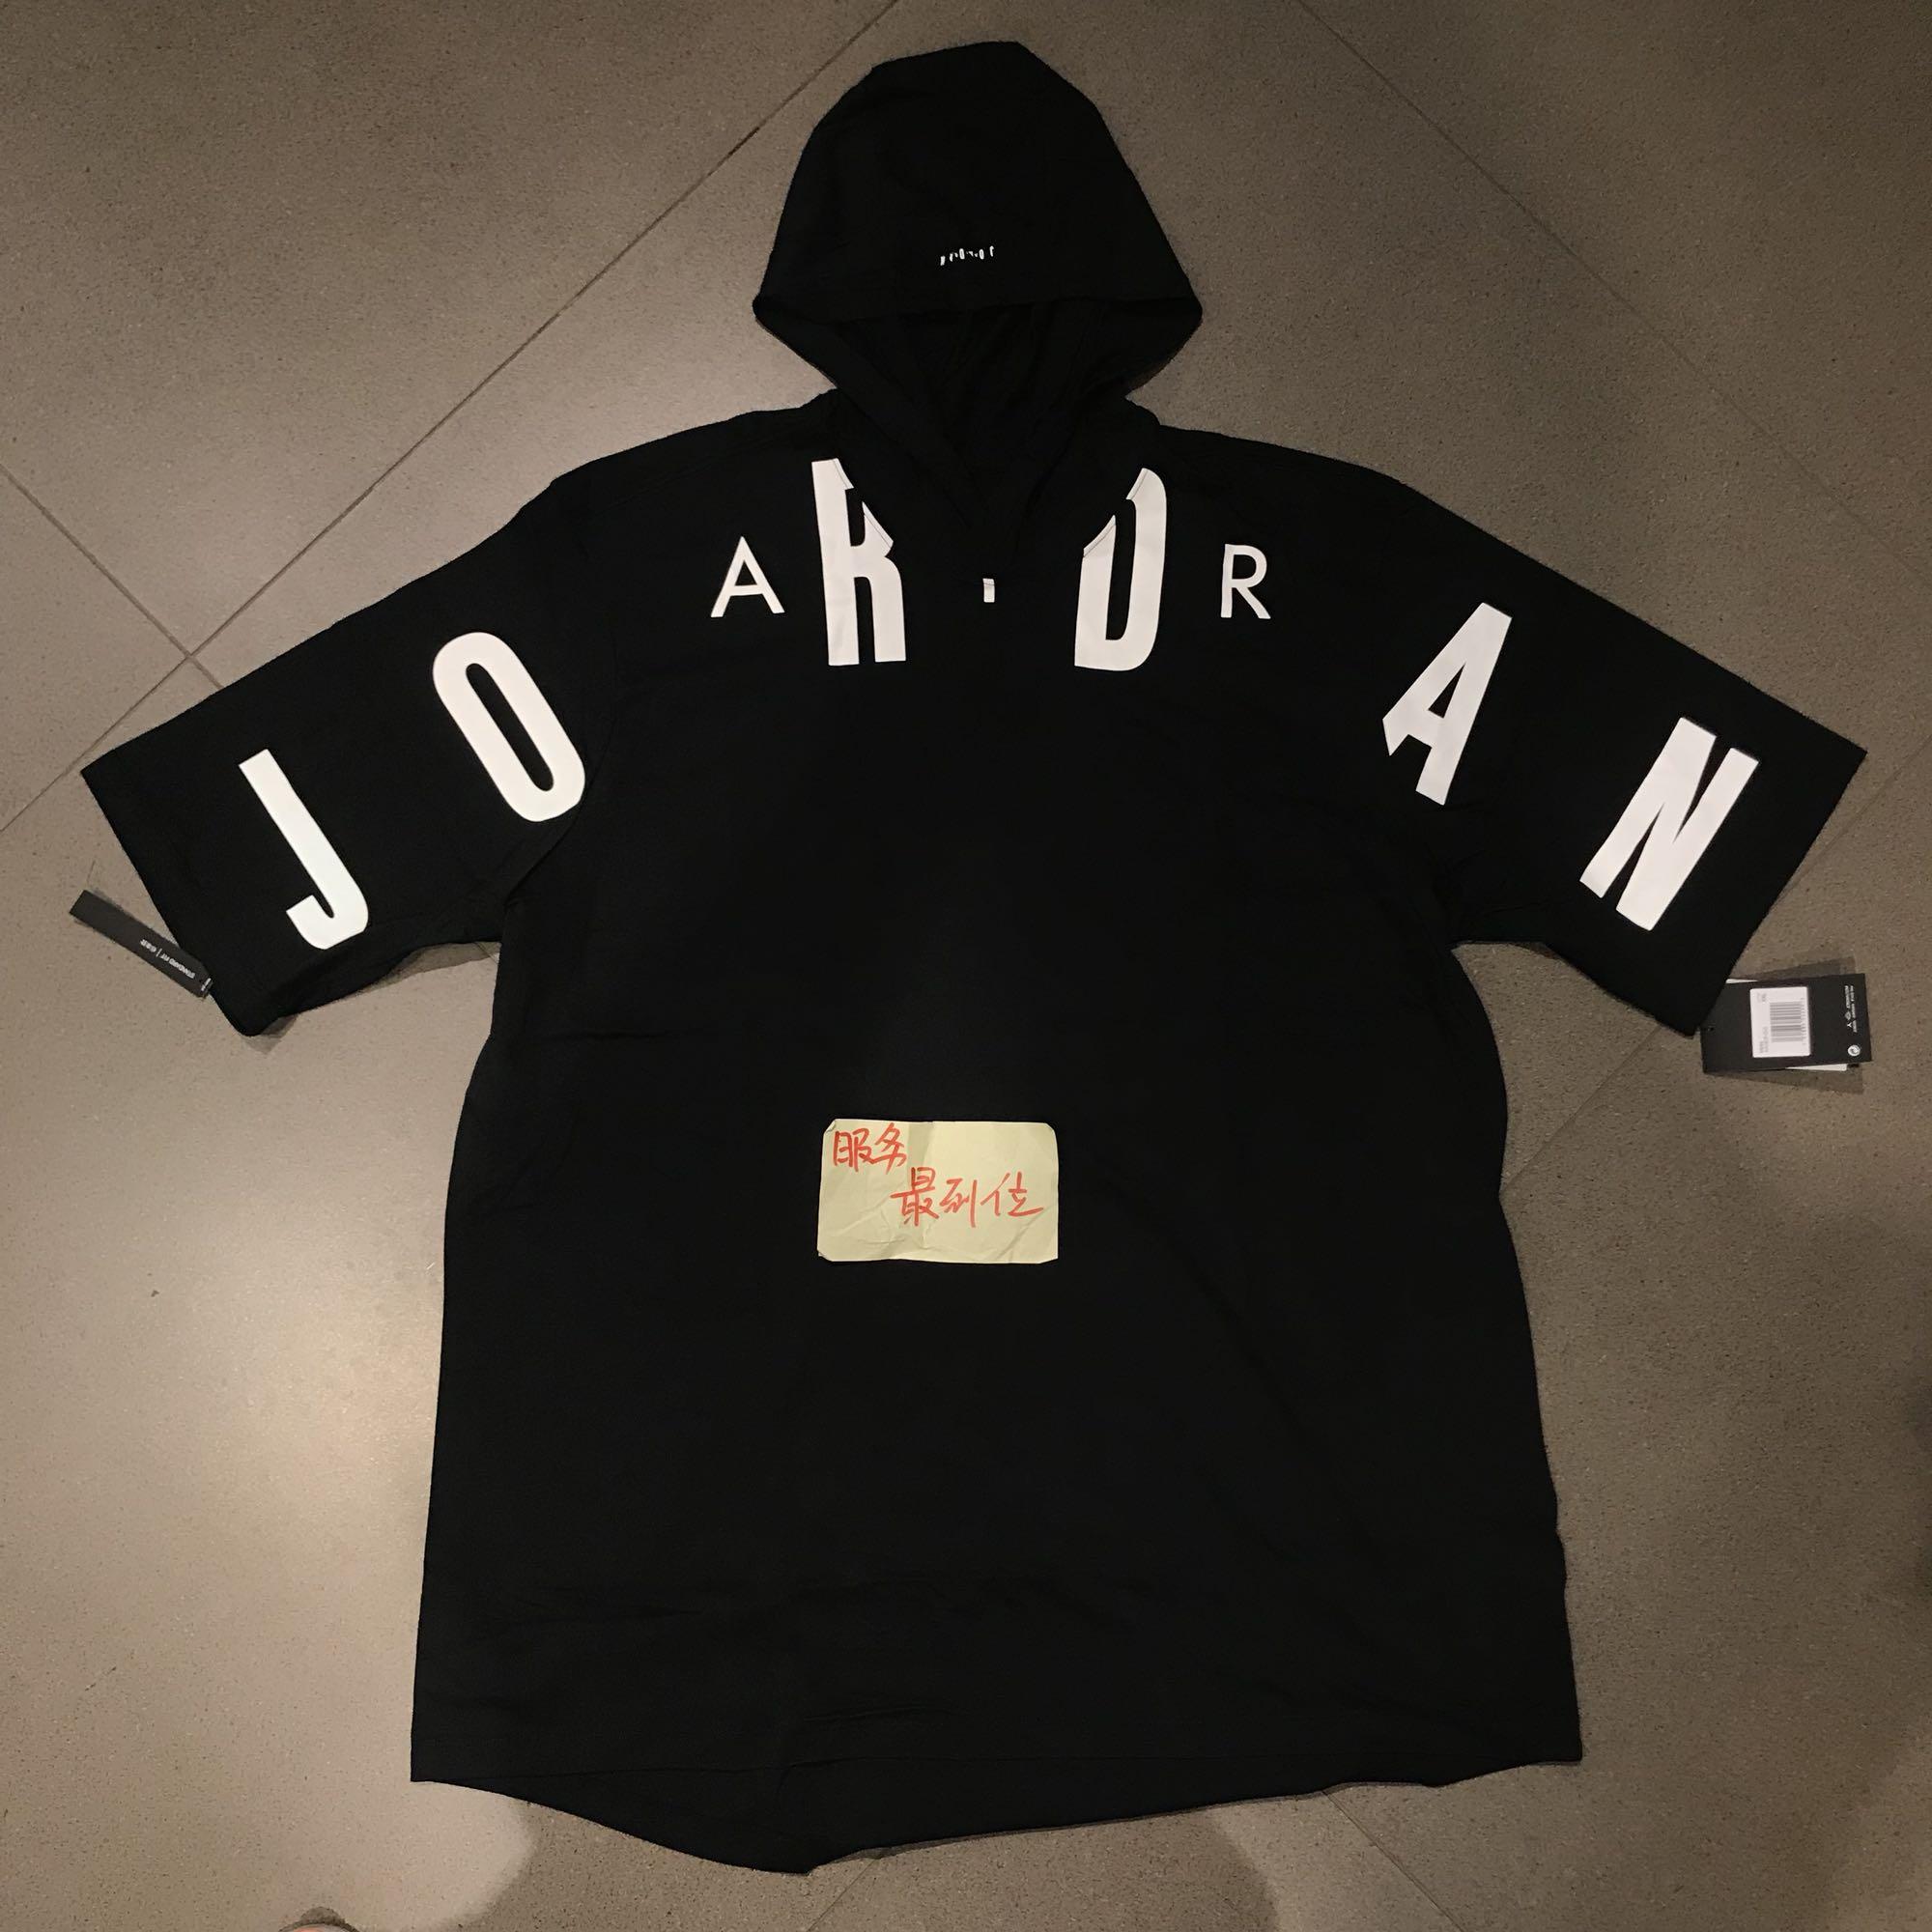 Mùa hè AA1916-010-100-451 truy cập JORDAN áo len thể thao áo thun Jordan ngắn tay áo mỏng